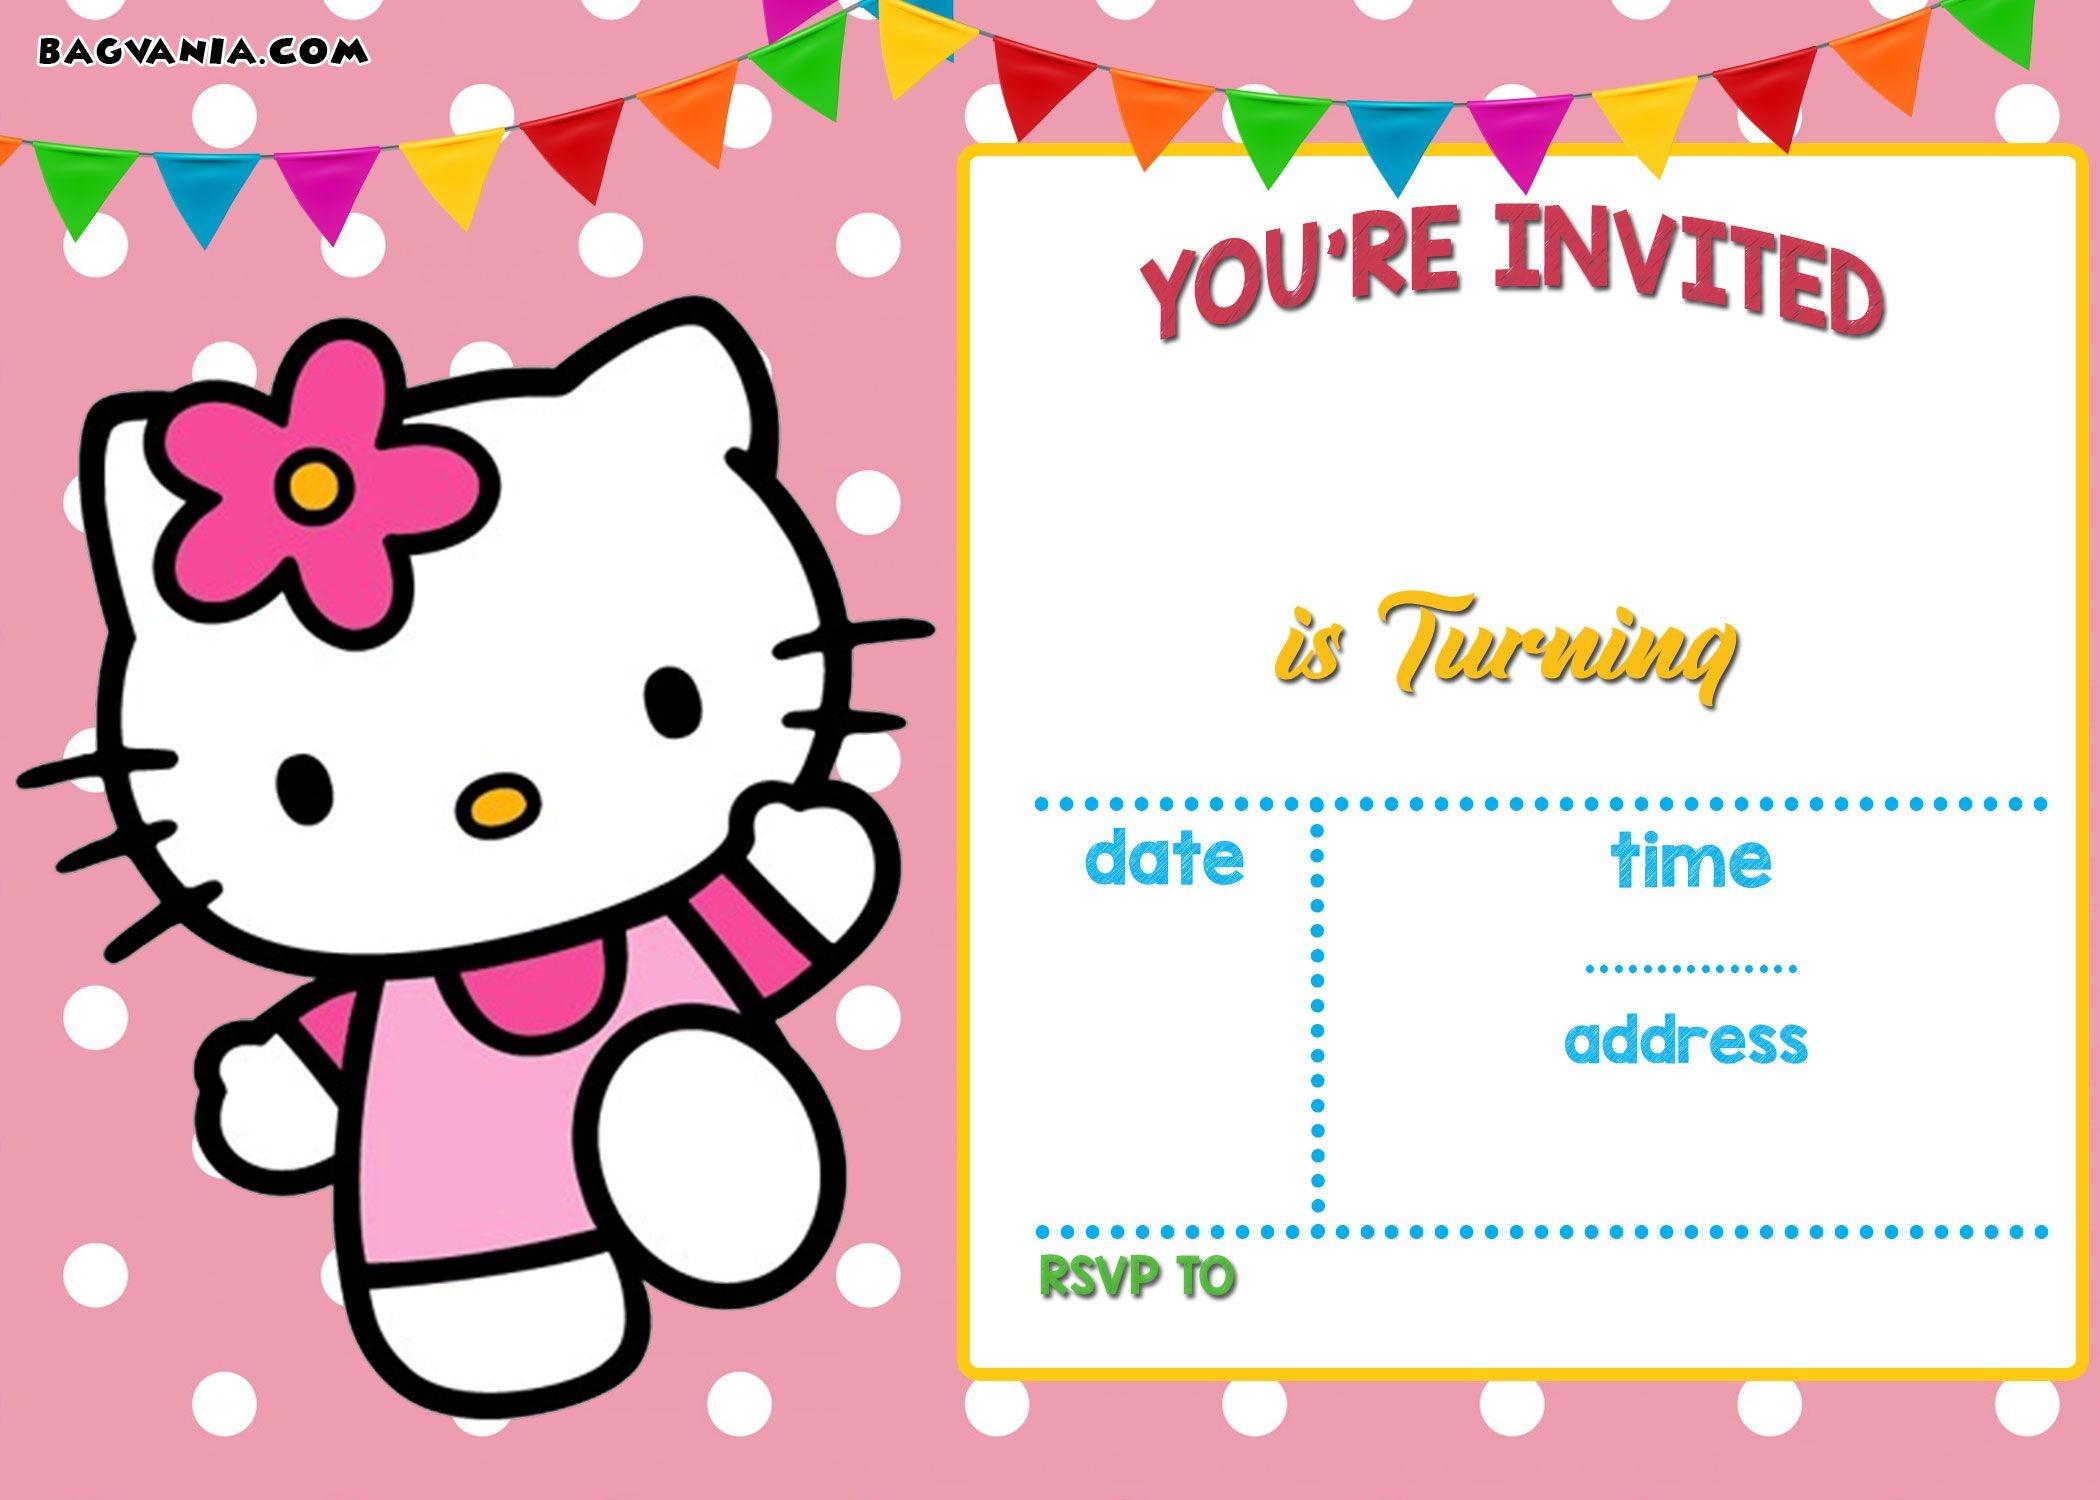 Free Hello Kitty Invitation Templates | Free Printable Birthday - Free Printable Kitten Birthday Invitations